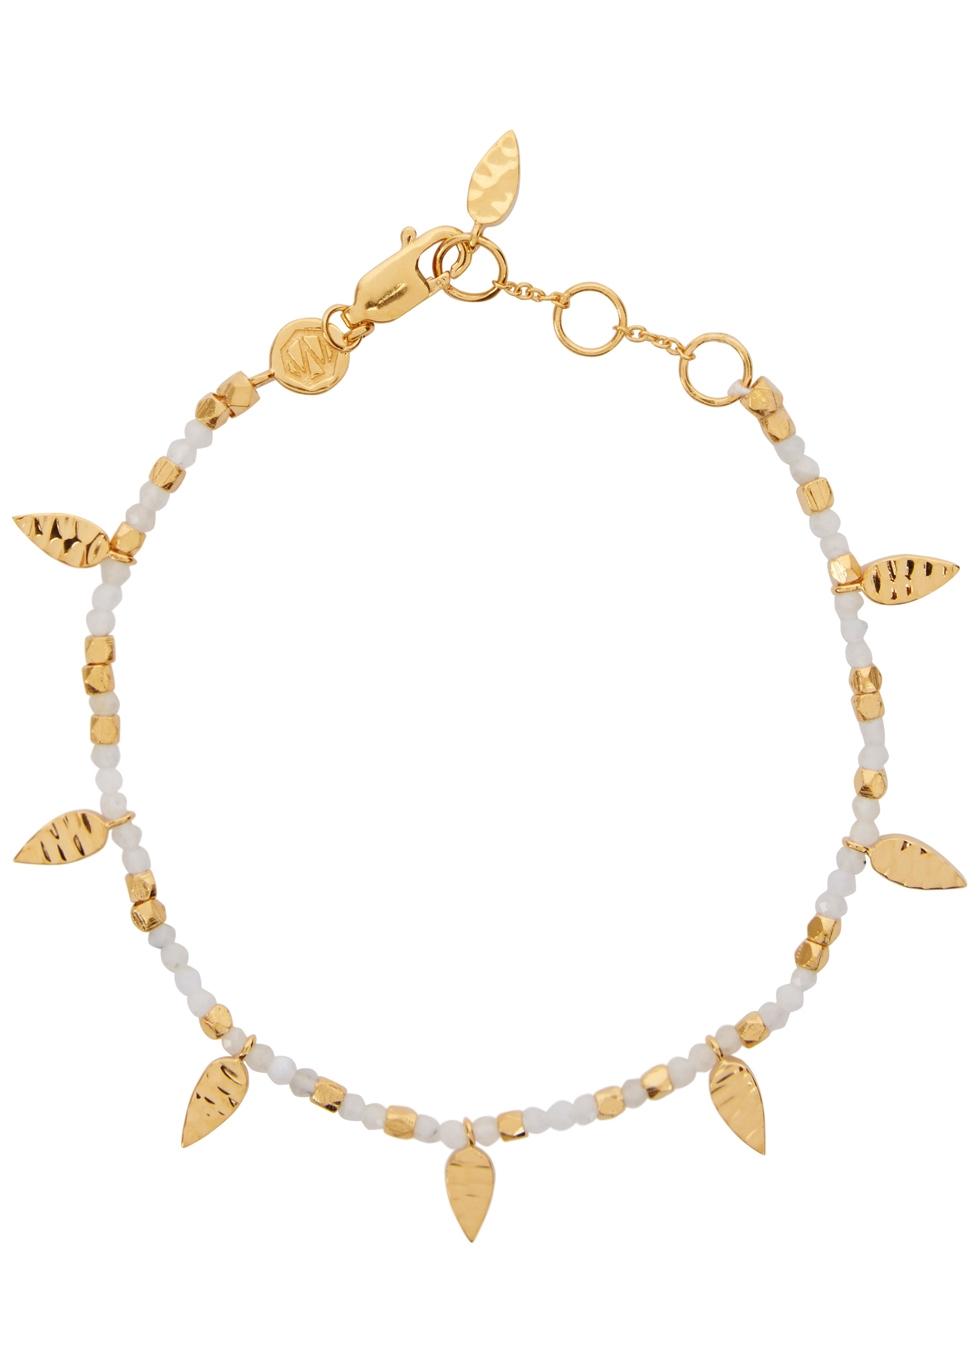 MISSOMA Rainbow Moonstone Gold-Plated Bracelet in White